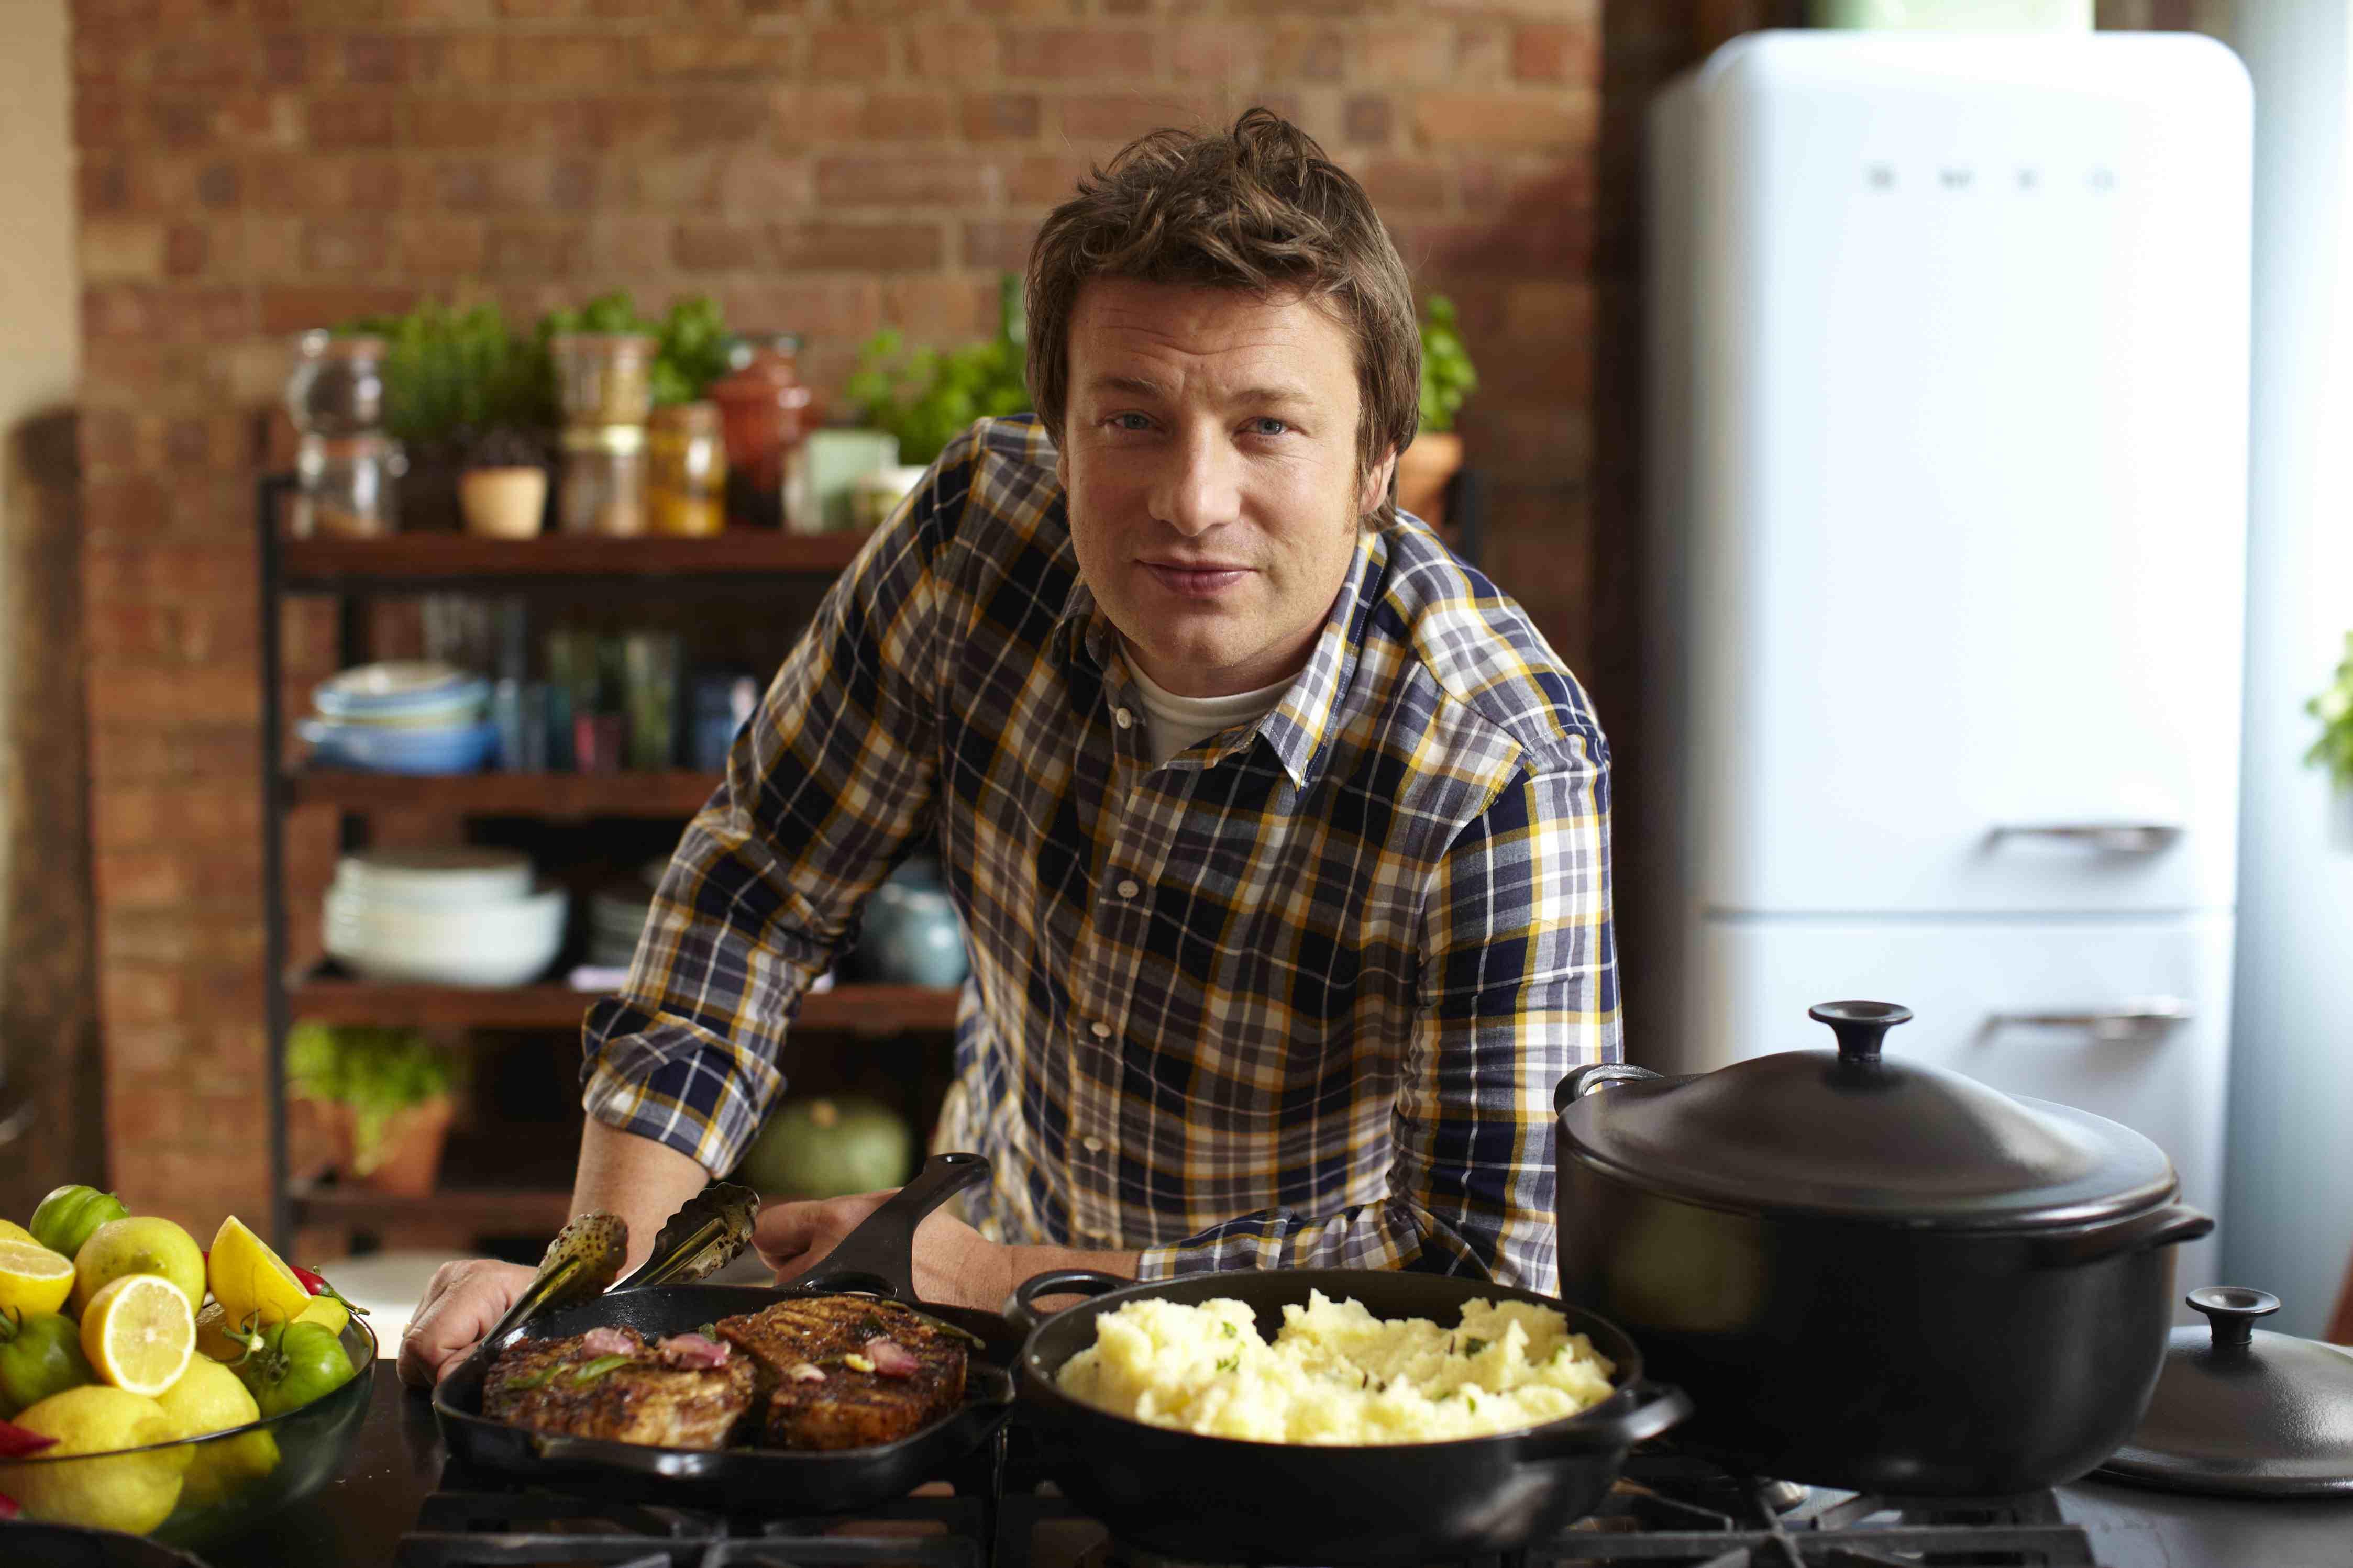 傑米奧利佛(Jamie Oliver)傳出債台高築,所居住的豪宅與經營的餐廳都面臨財務重新整頓。(圖/Beautifulkitchensblog)